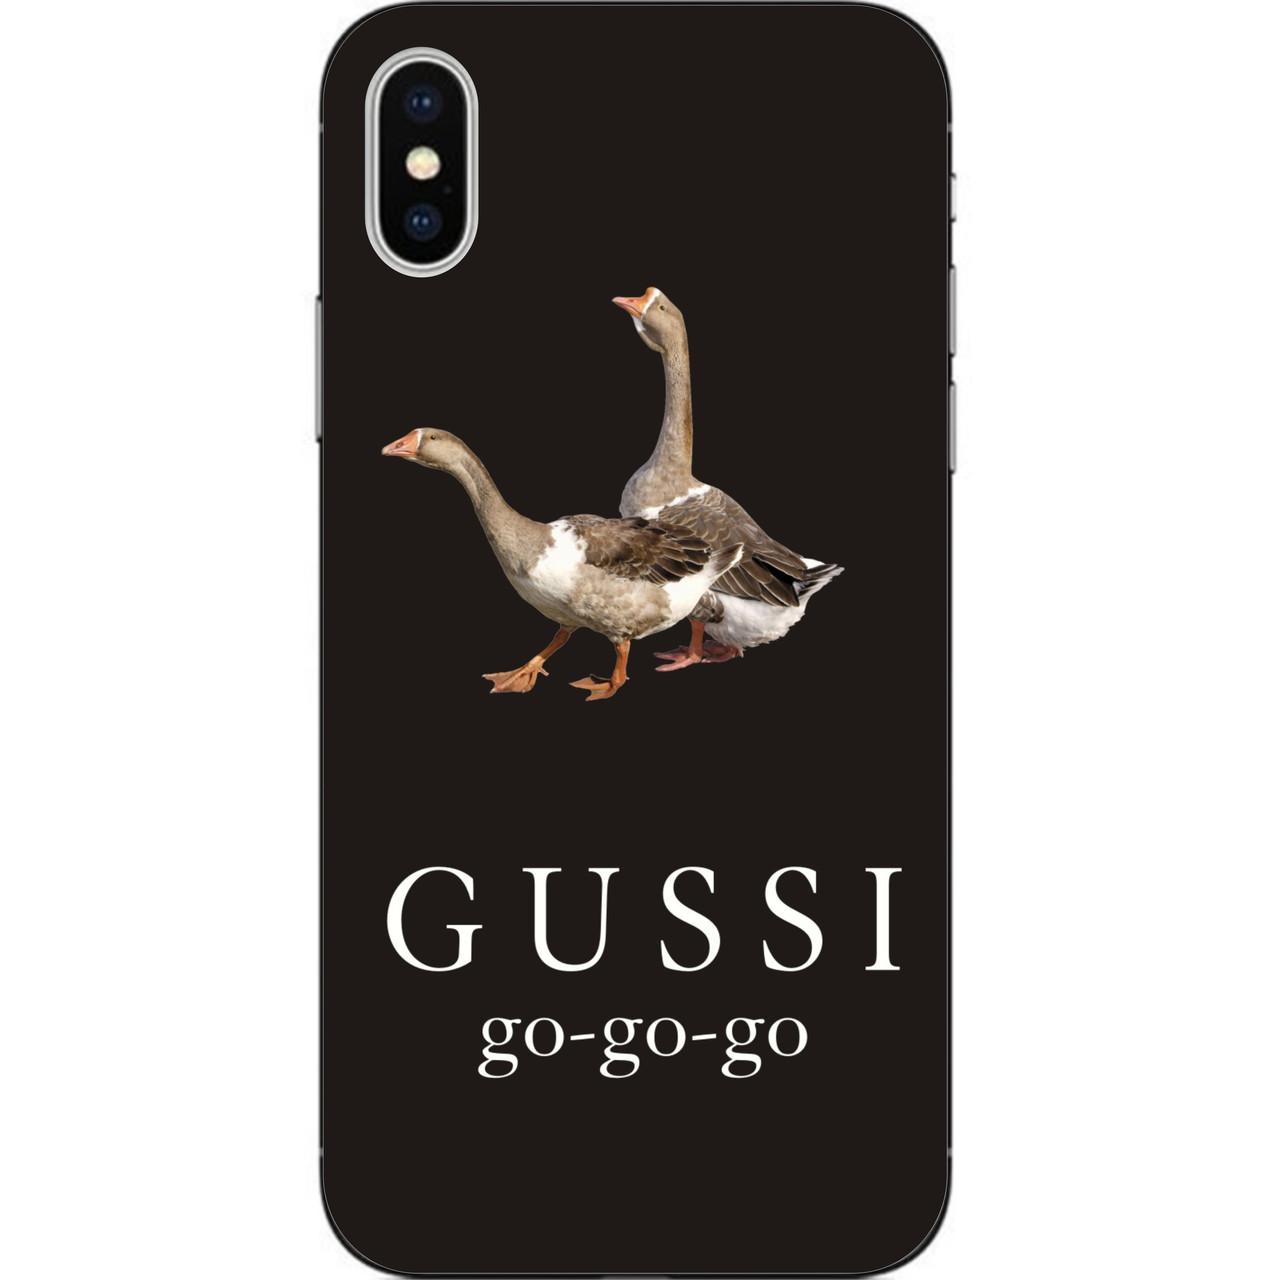 Антибрендовый силіконовий чохол для Iphone Xs з картинкою Gussi go go